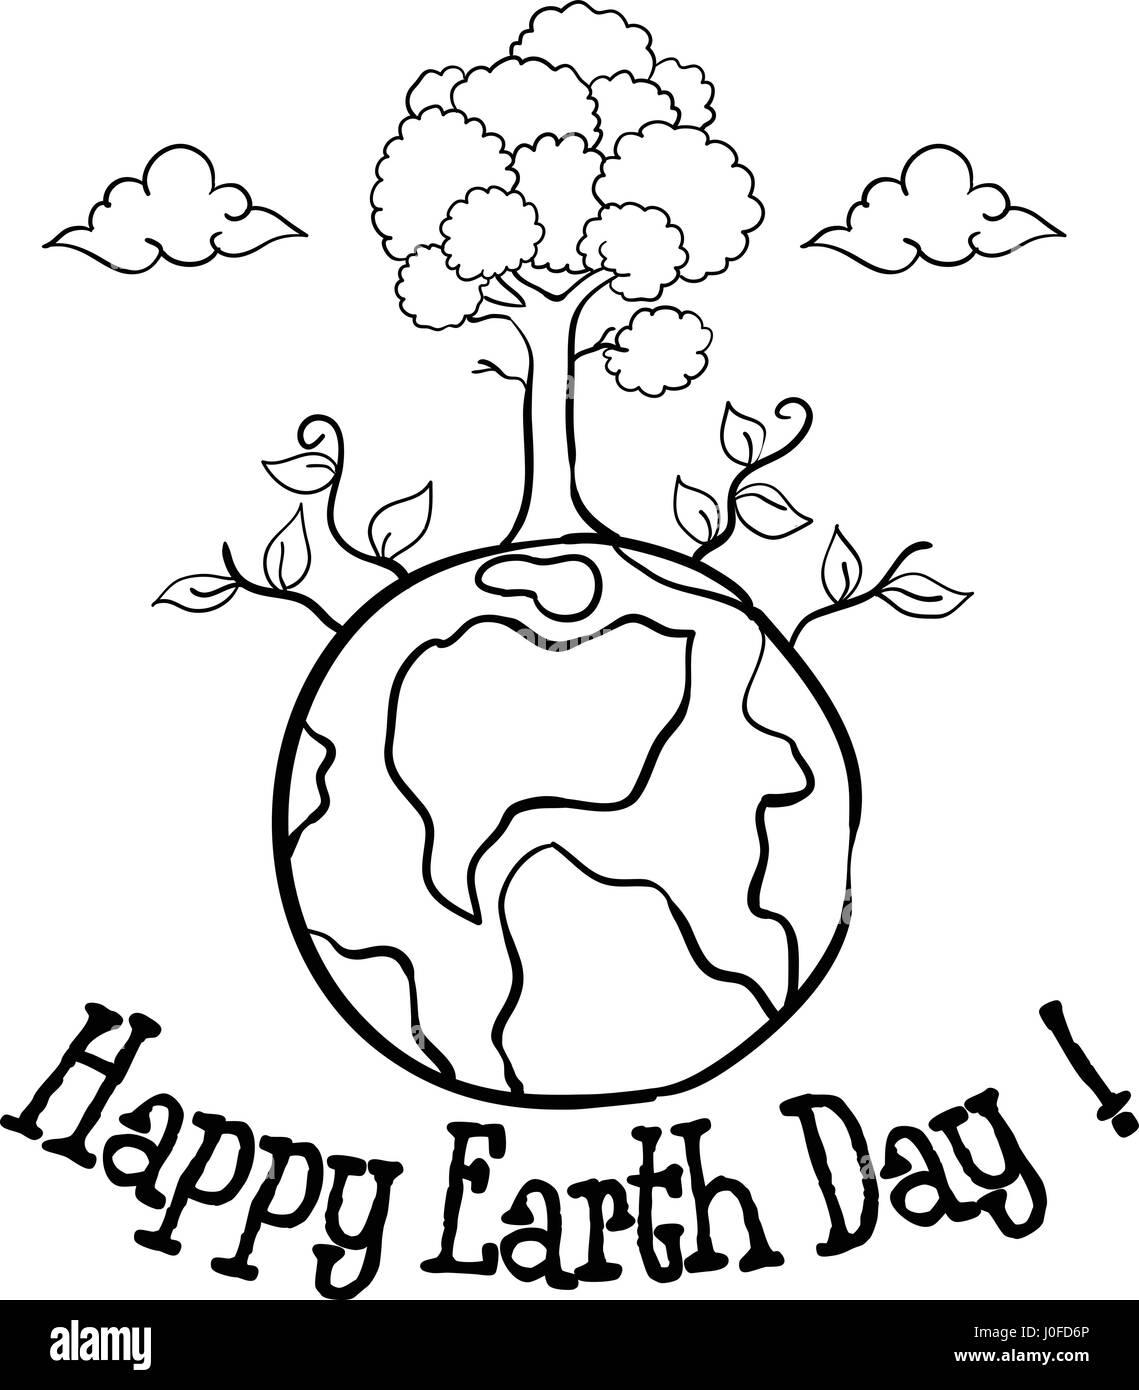 Heureux le jour de la Terre avec la main de l'arbre dessiner Photo Stock